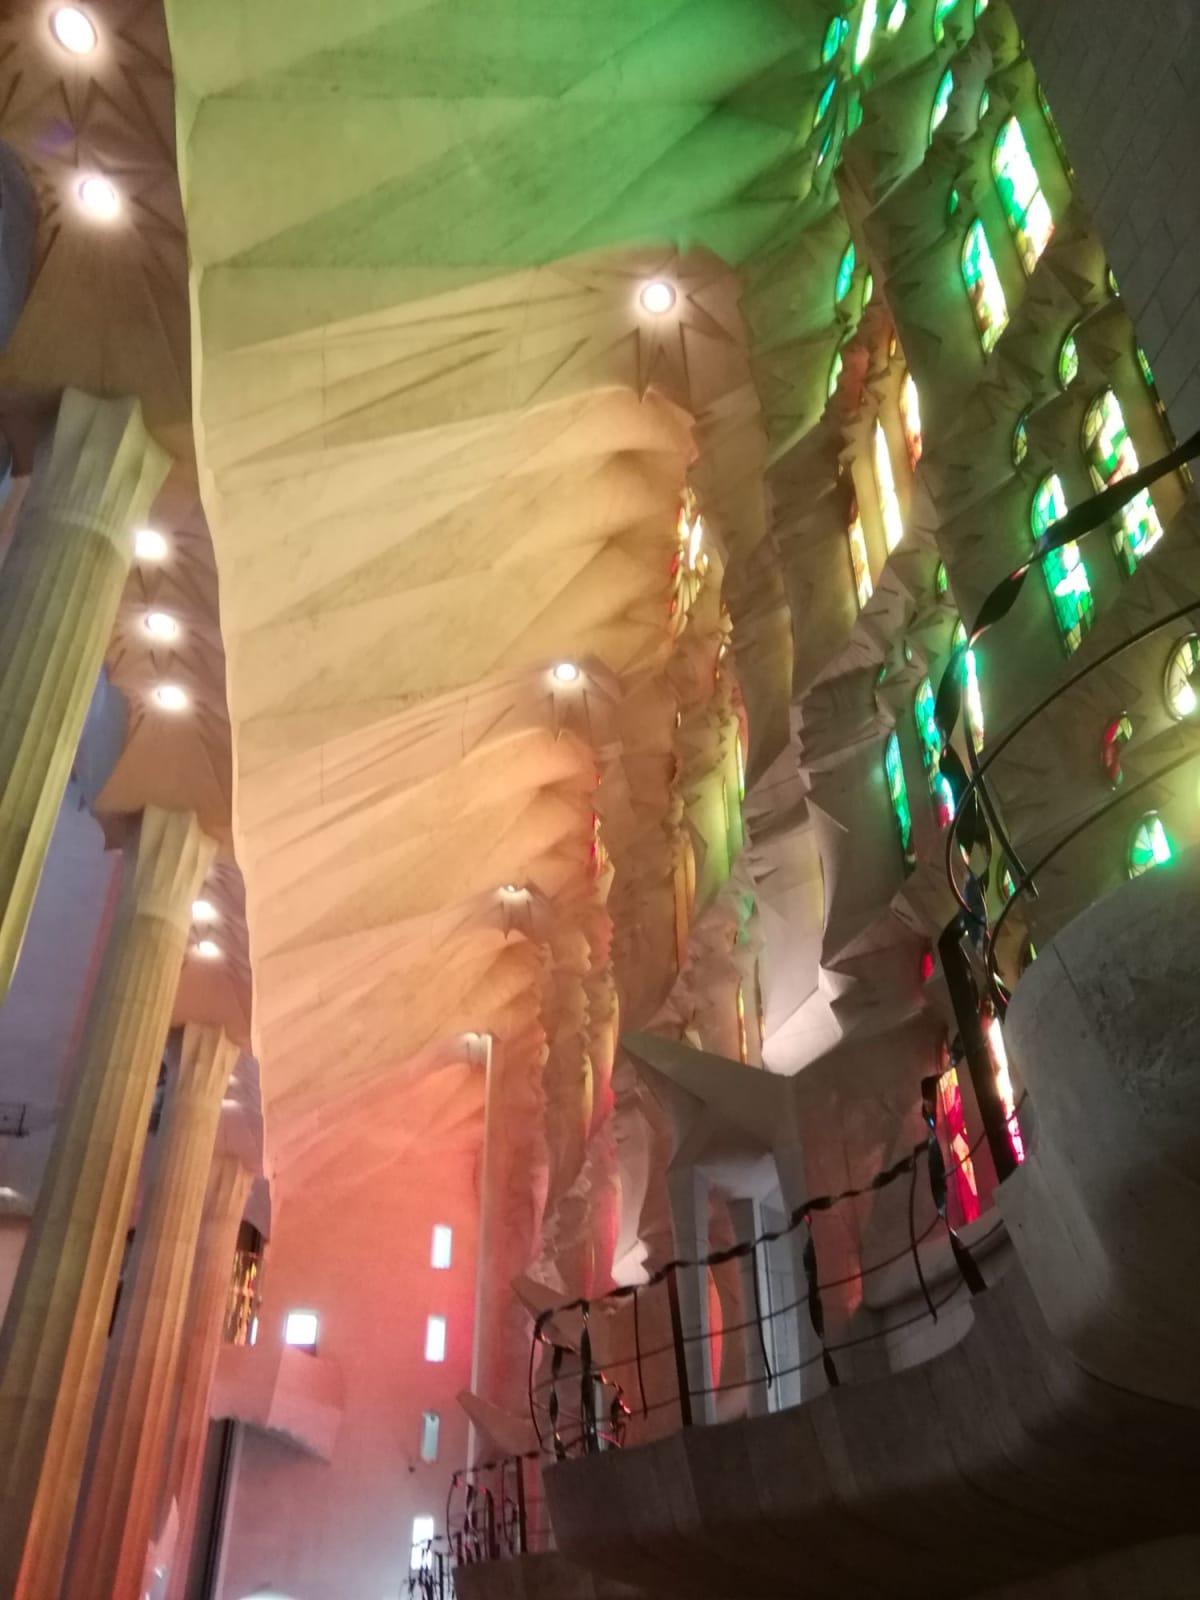 サグラダファミリアの内部。今は、インスタグラムのスポットになっているそうです。 | バルセロナ